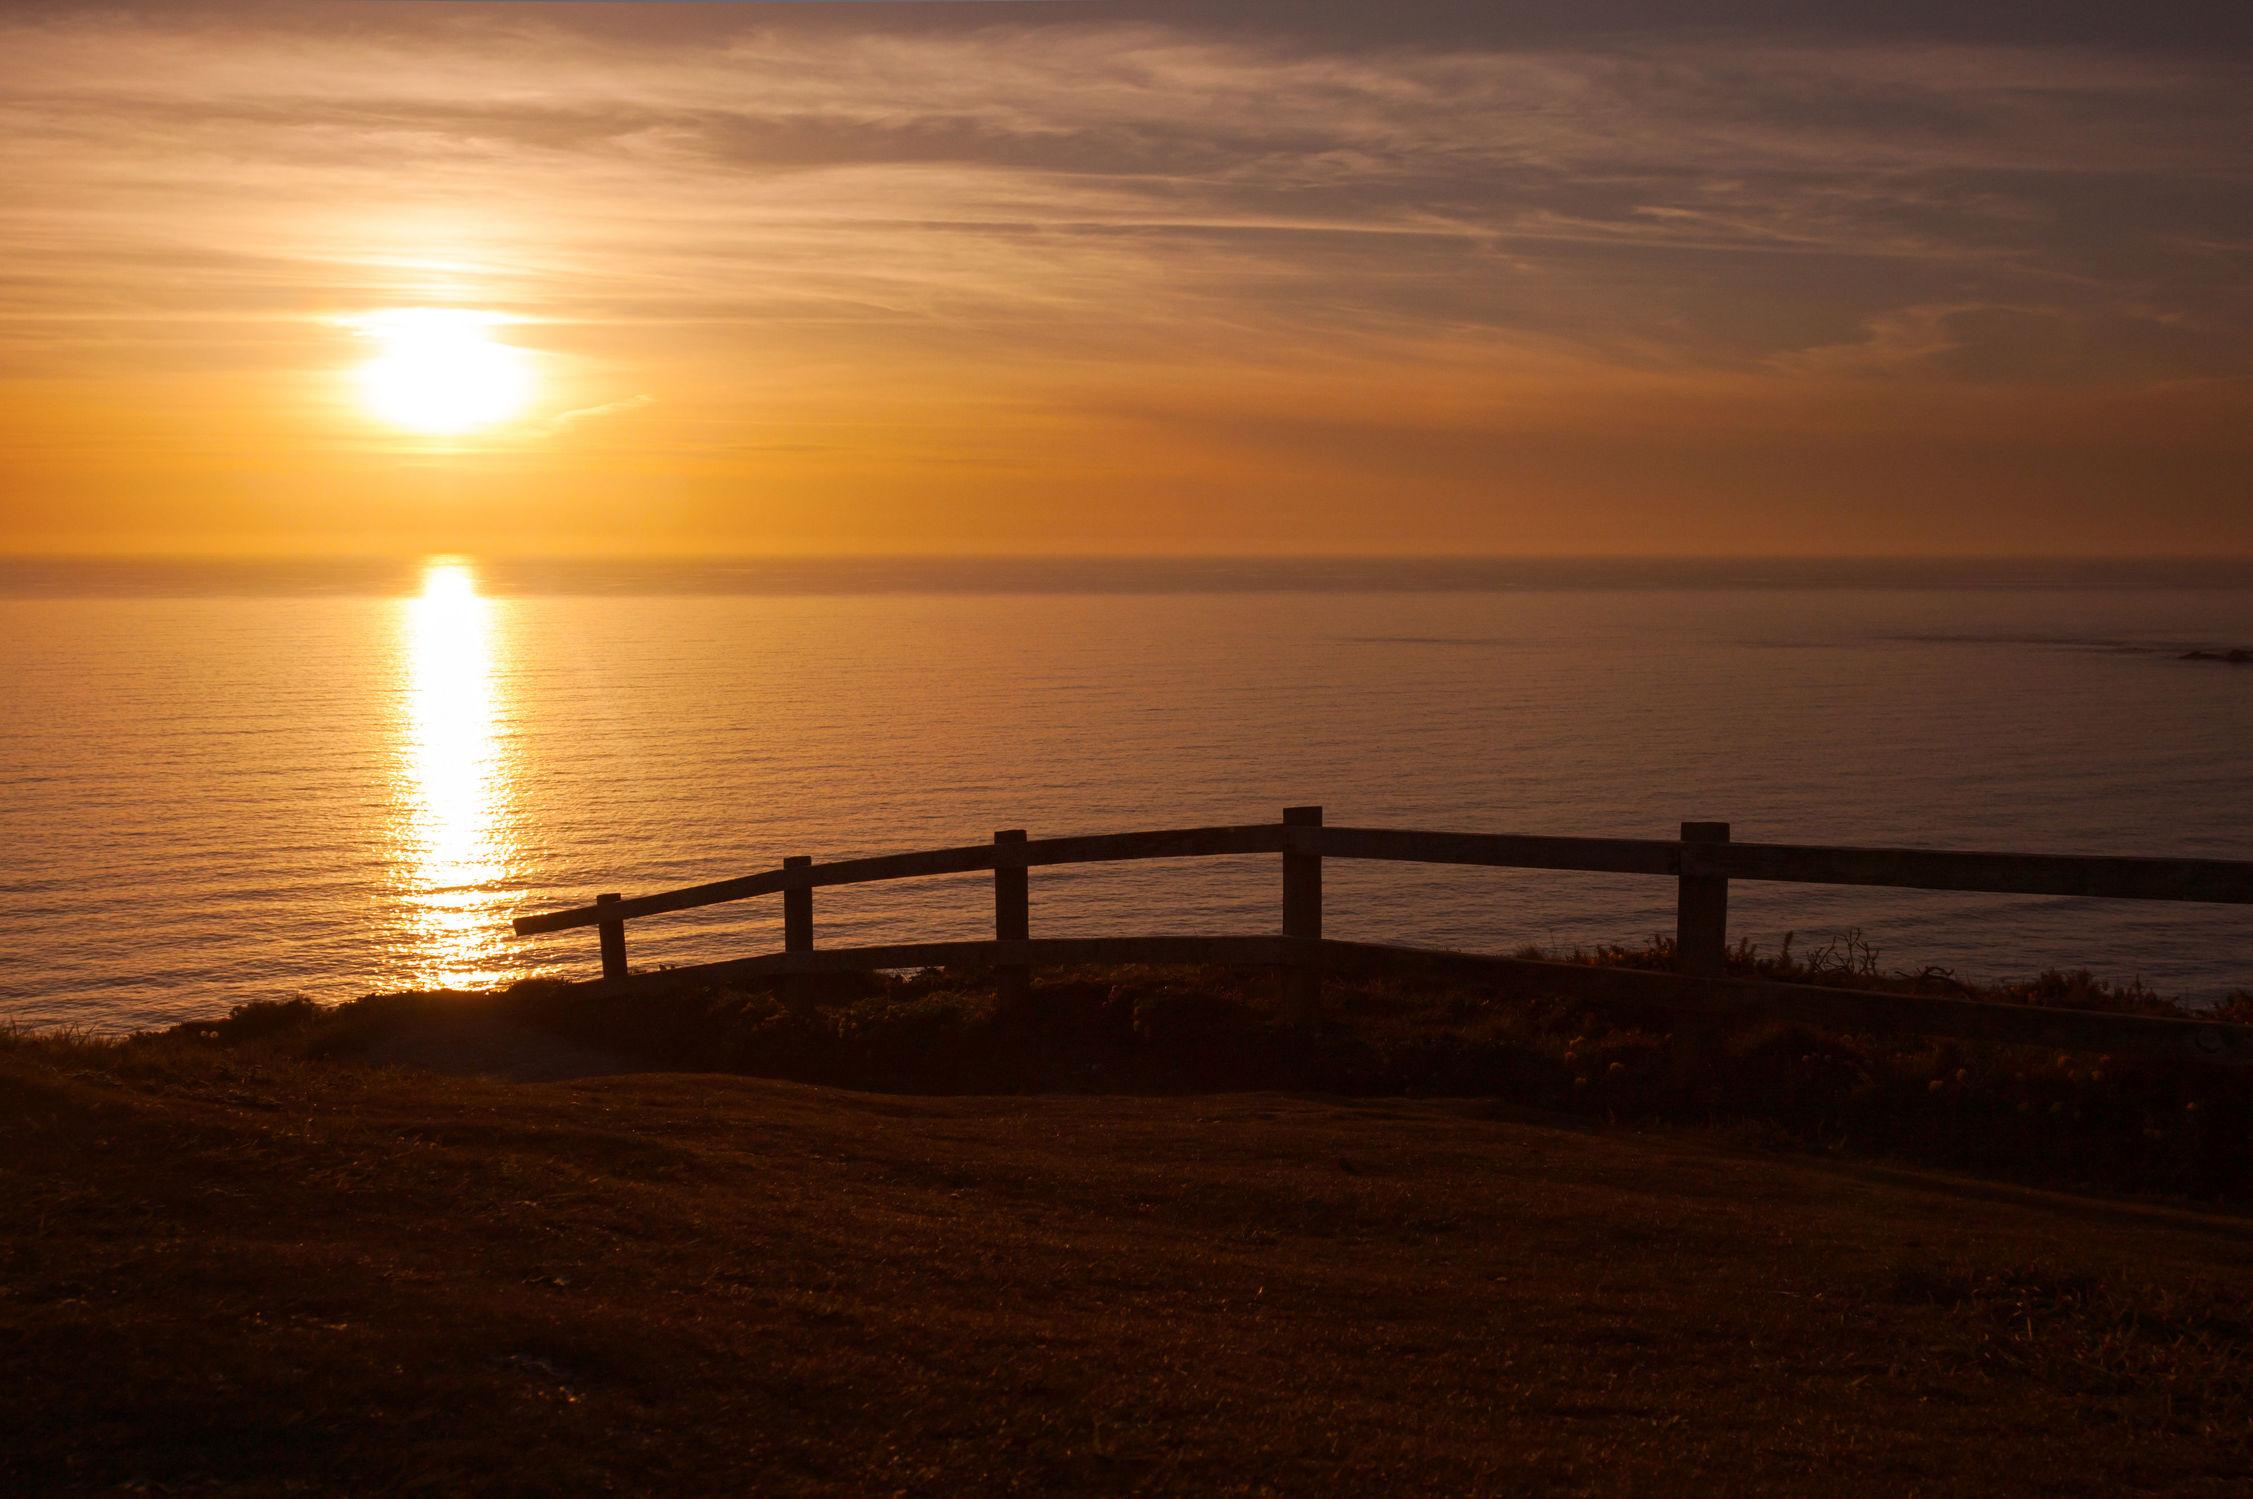 Bild mit Natur, Strände, Sand, Sonnenuntergang, Sonnenaufgang, Strand, Sandstrand, Meer, Sonnenschein, Nature, Zaun